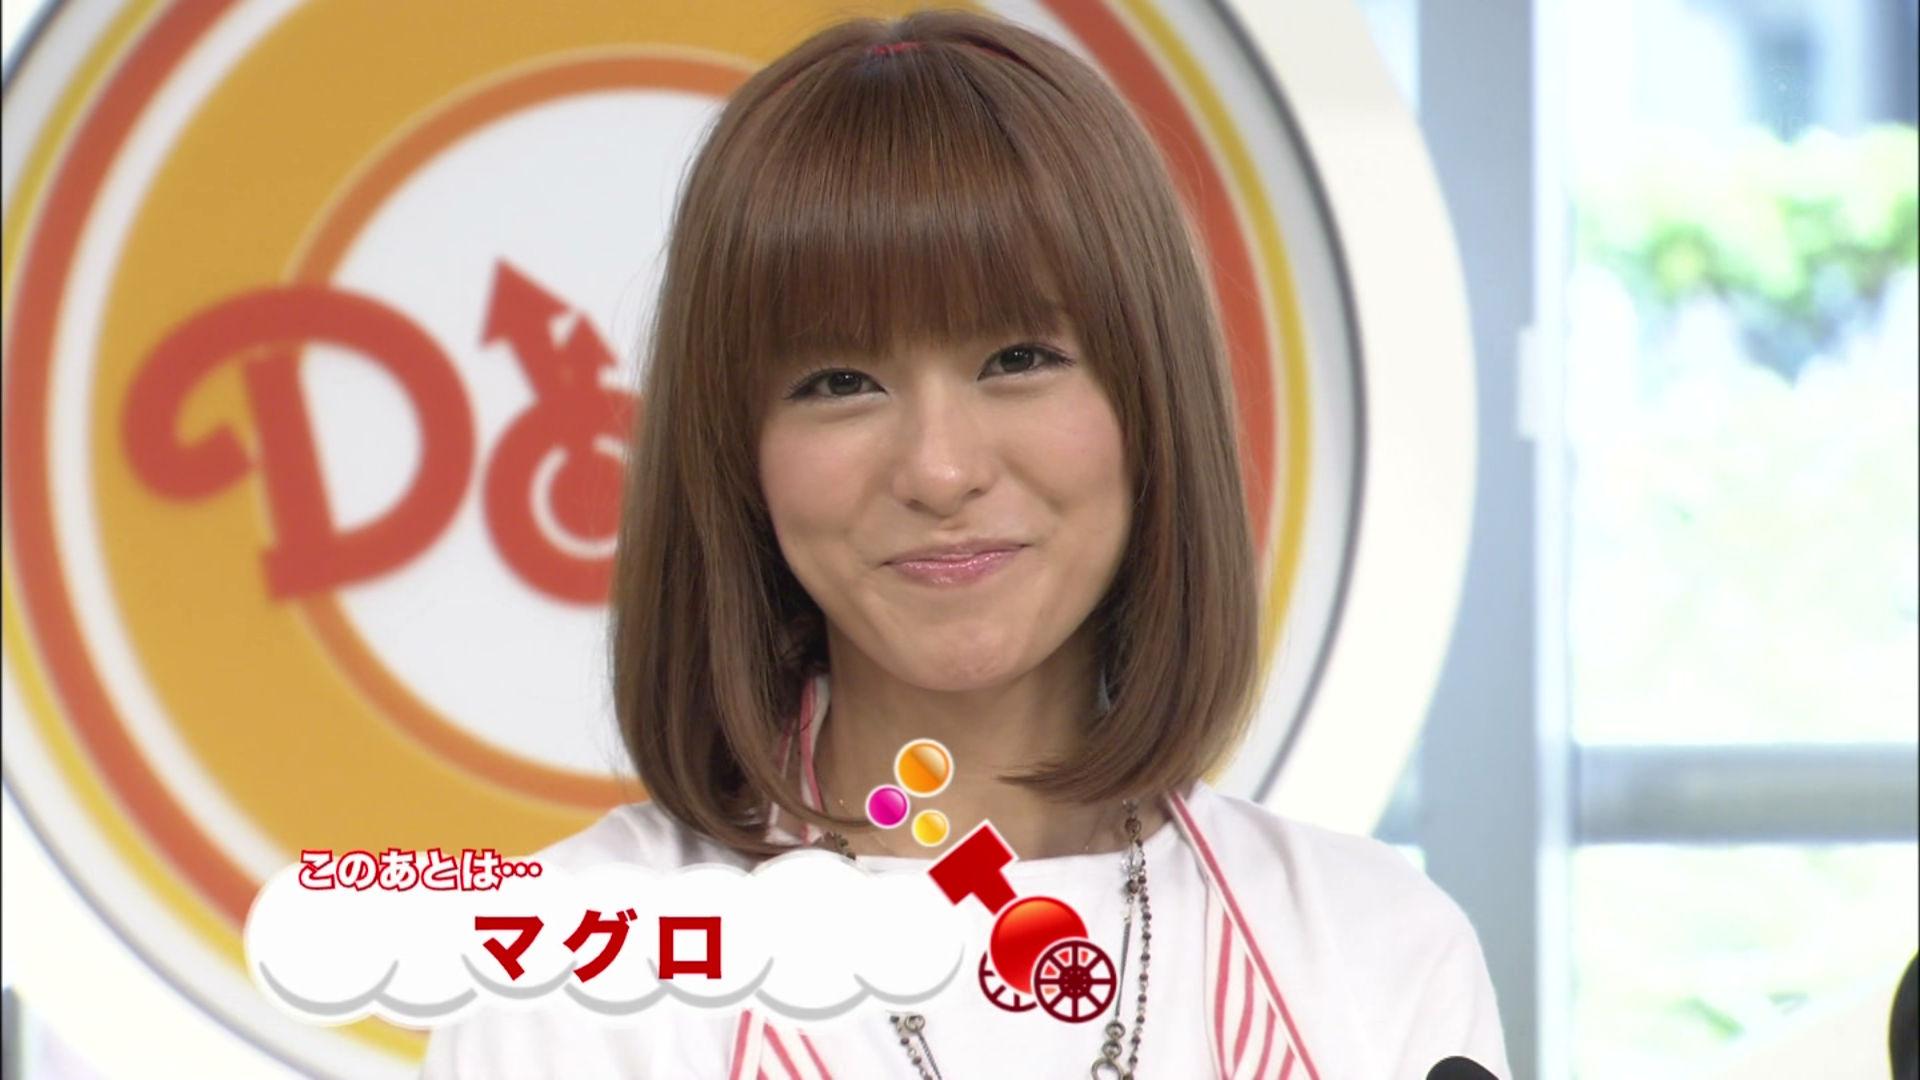 玩具箱   「おもいッきりDON!」の神戸蘭子さん